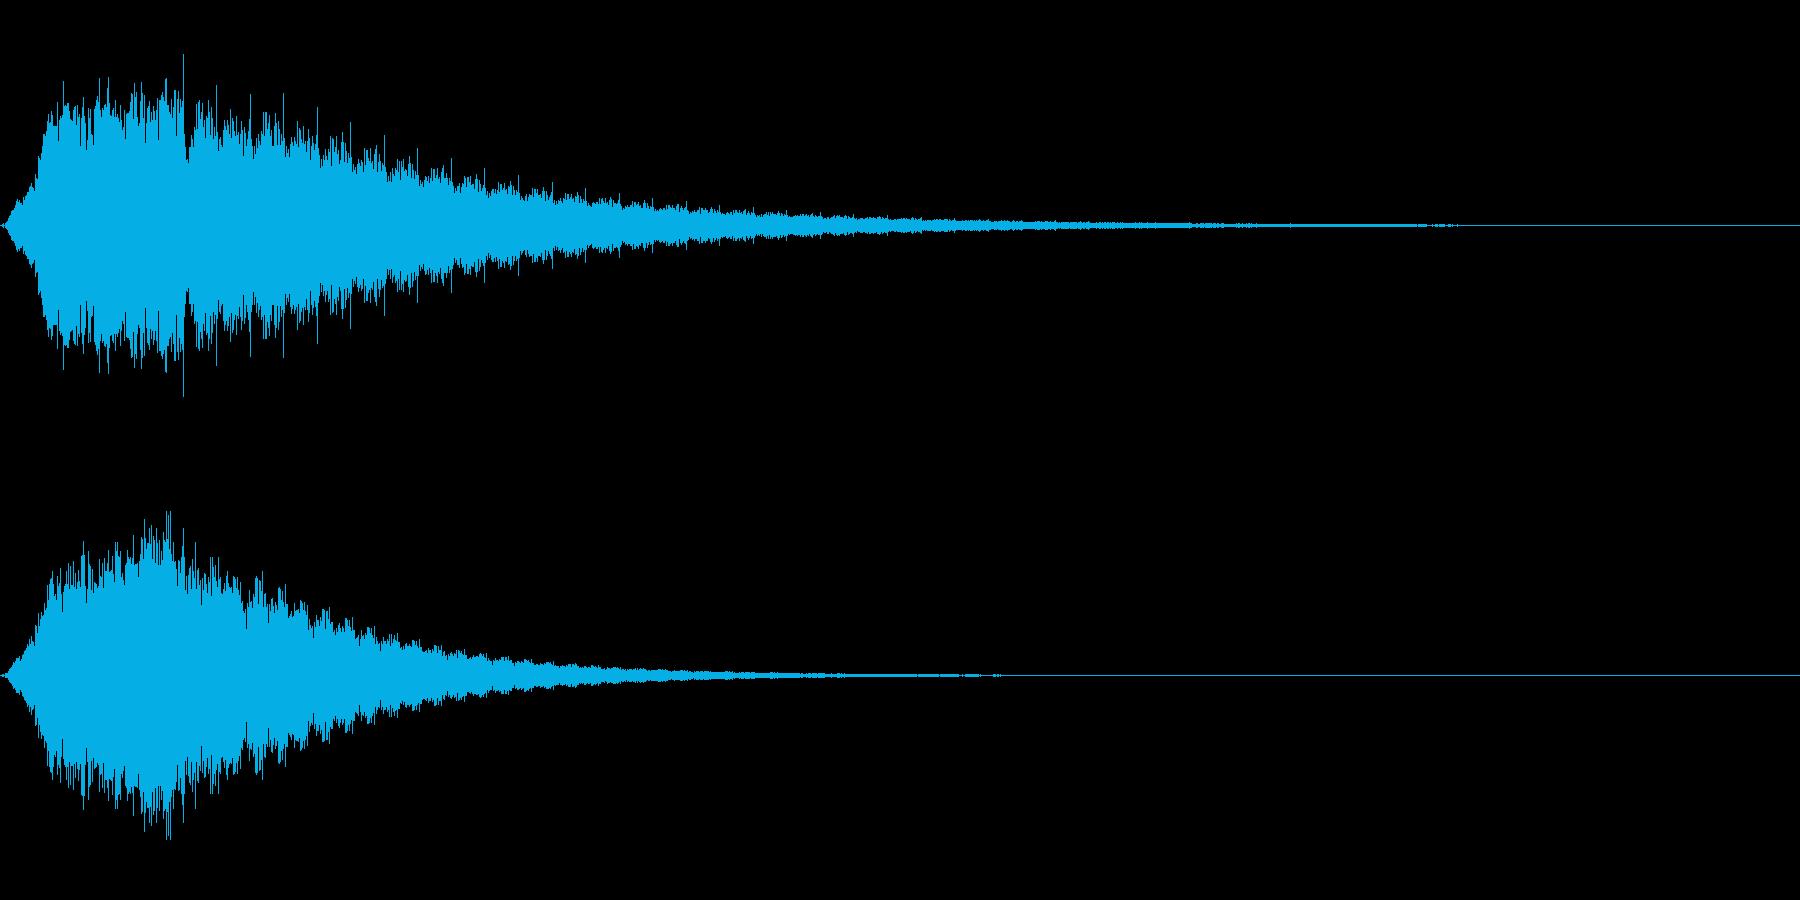 ギョーン (シリアス,ホラーな雰囲気)の再生済みの波形